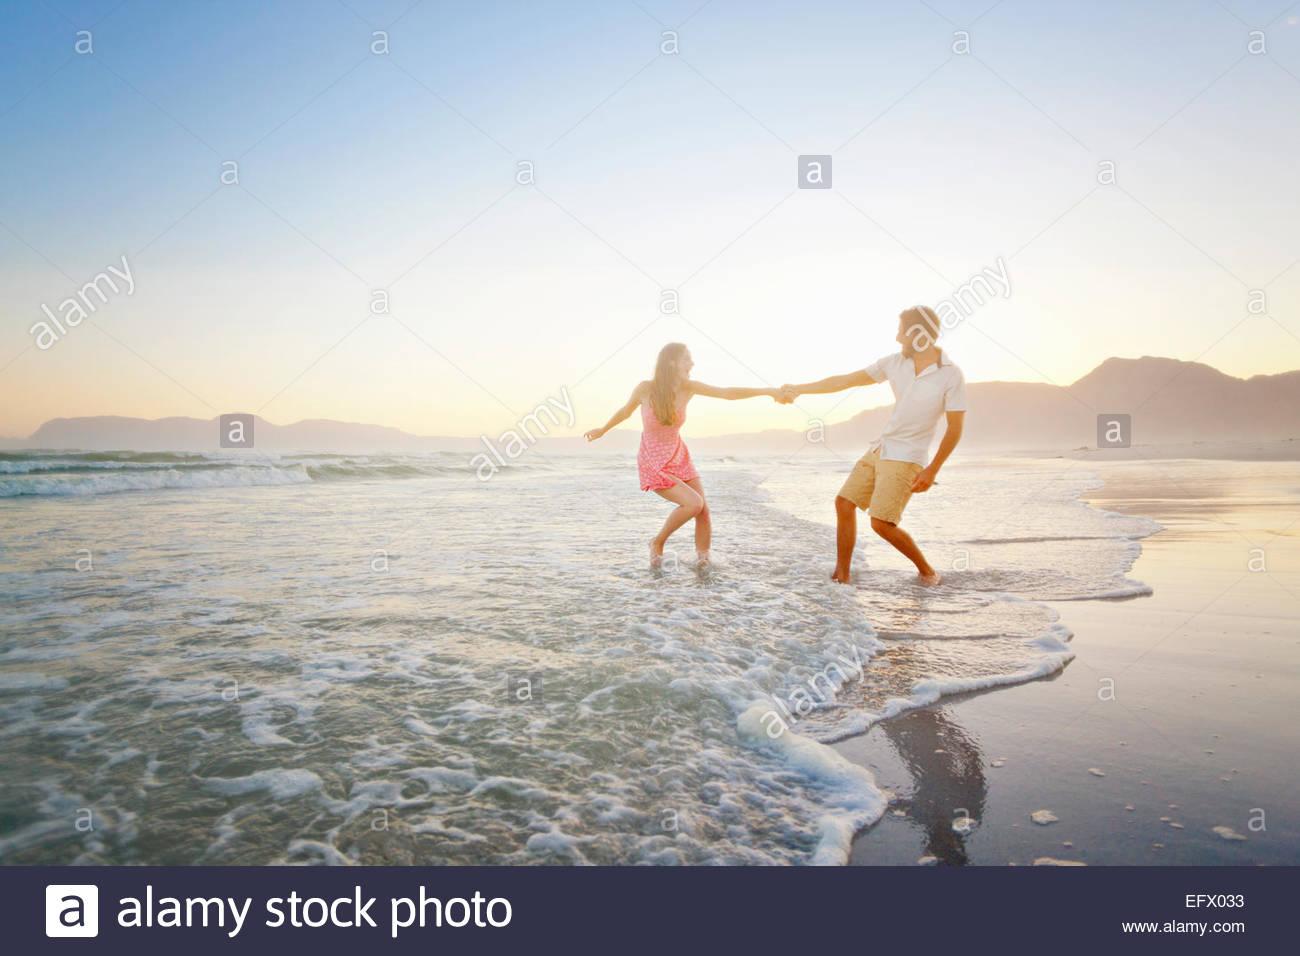 Pareja, tomados de la mano, alegremente paseando por las olas en sunny beach Imagen De Stock